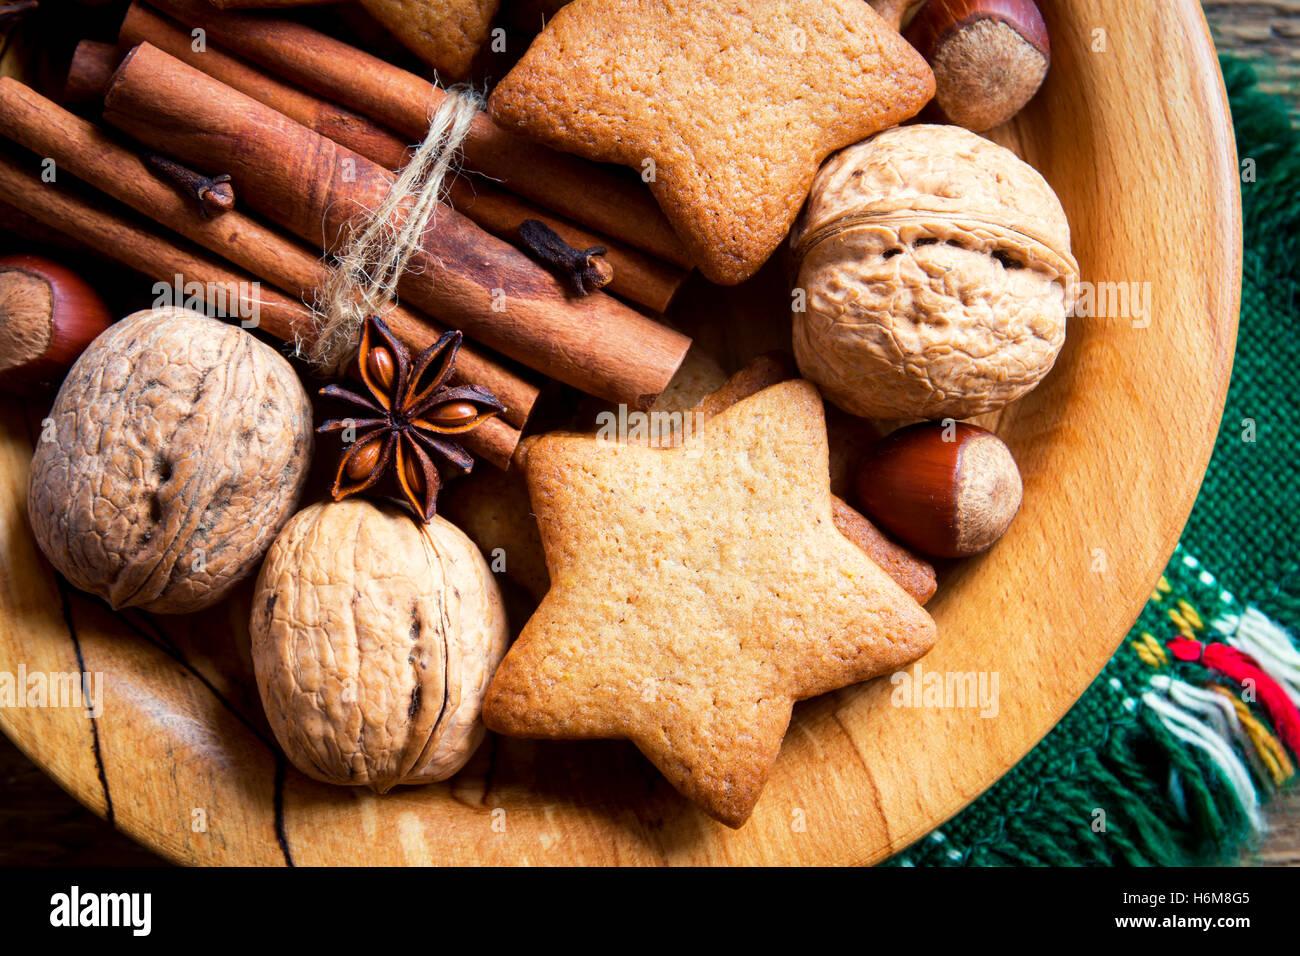 Noël décoration rustique avec gingerbread cookies, noix et épices de Noël sur plaque de bois Banque D'Images